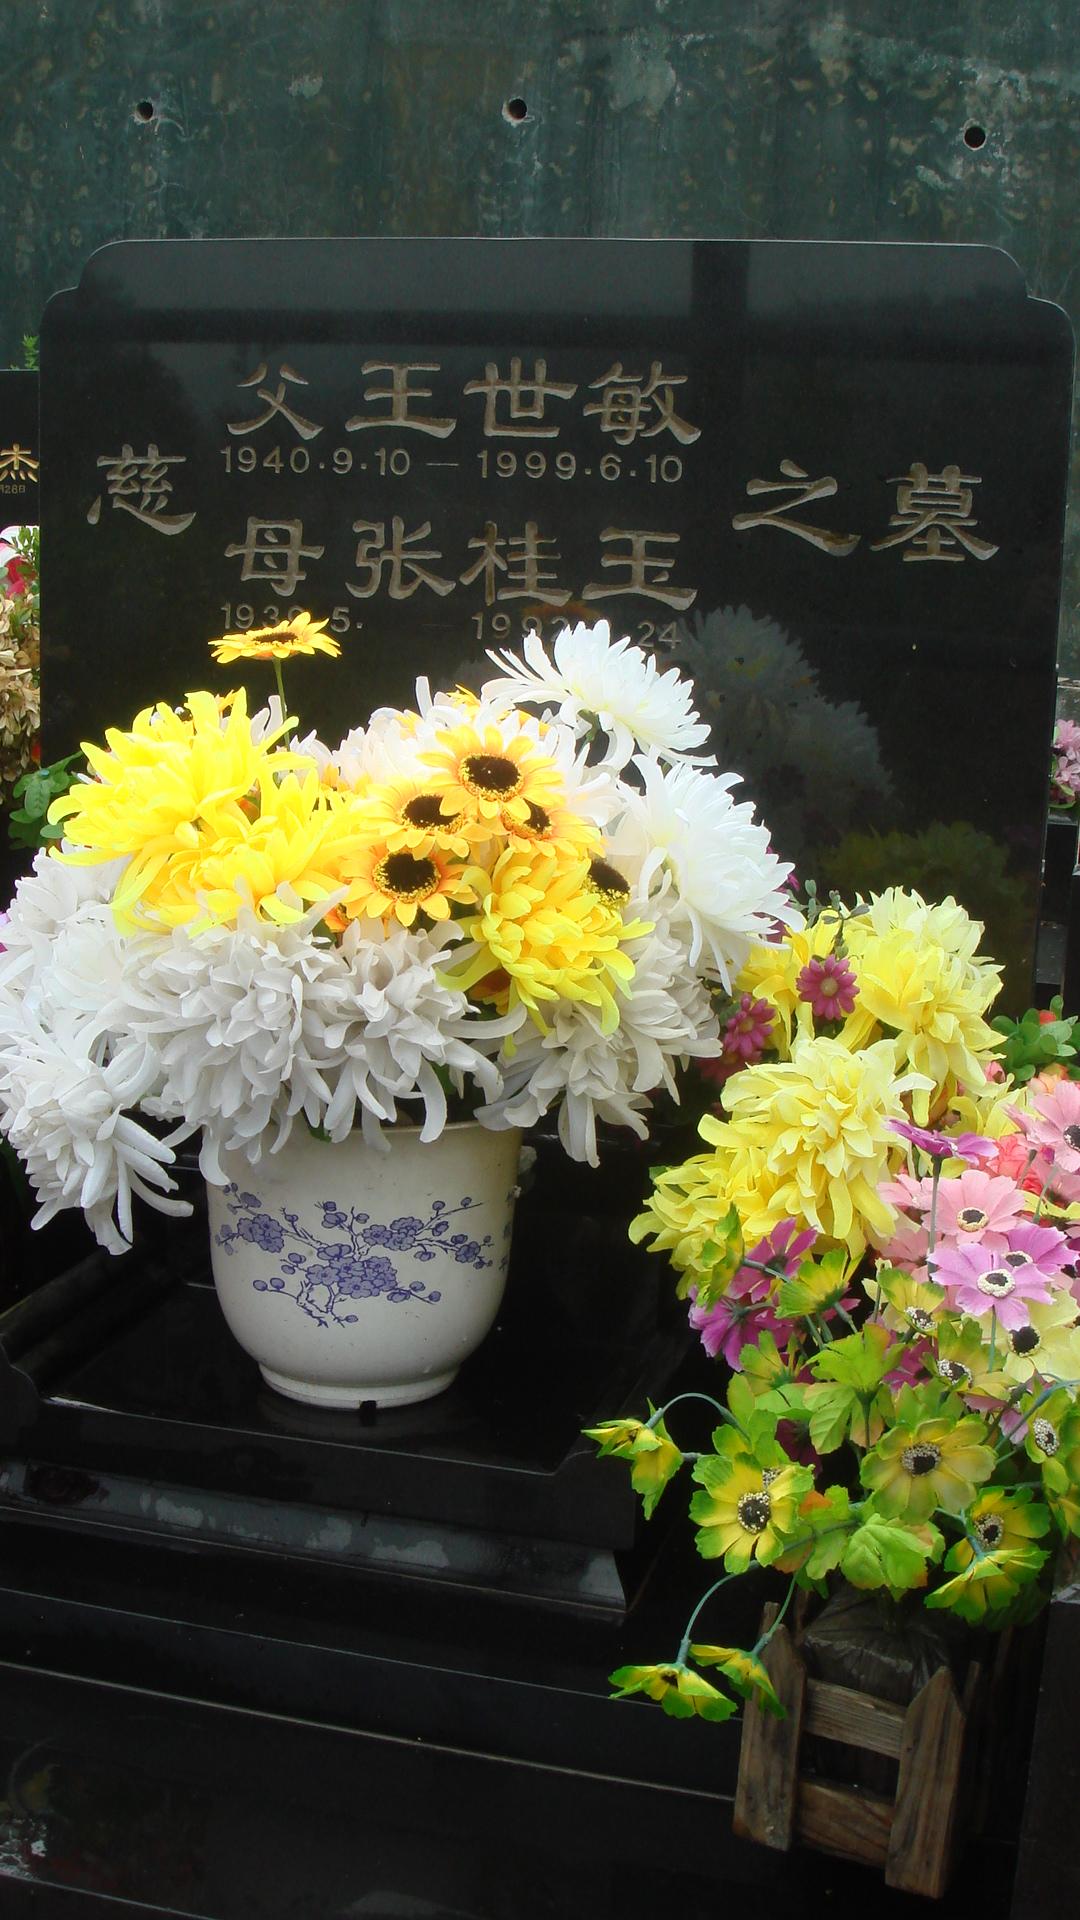 王世敏.张桂玉   纪念馆